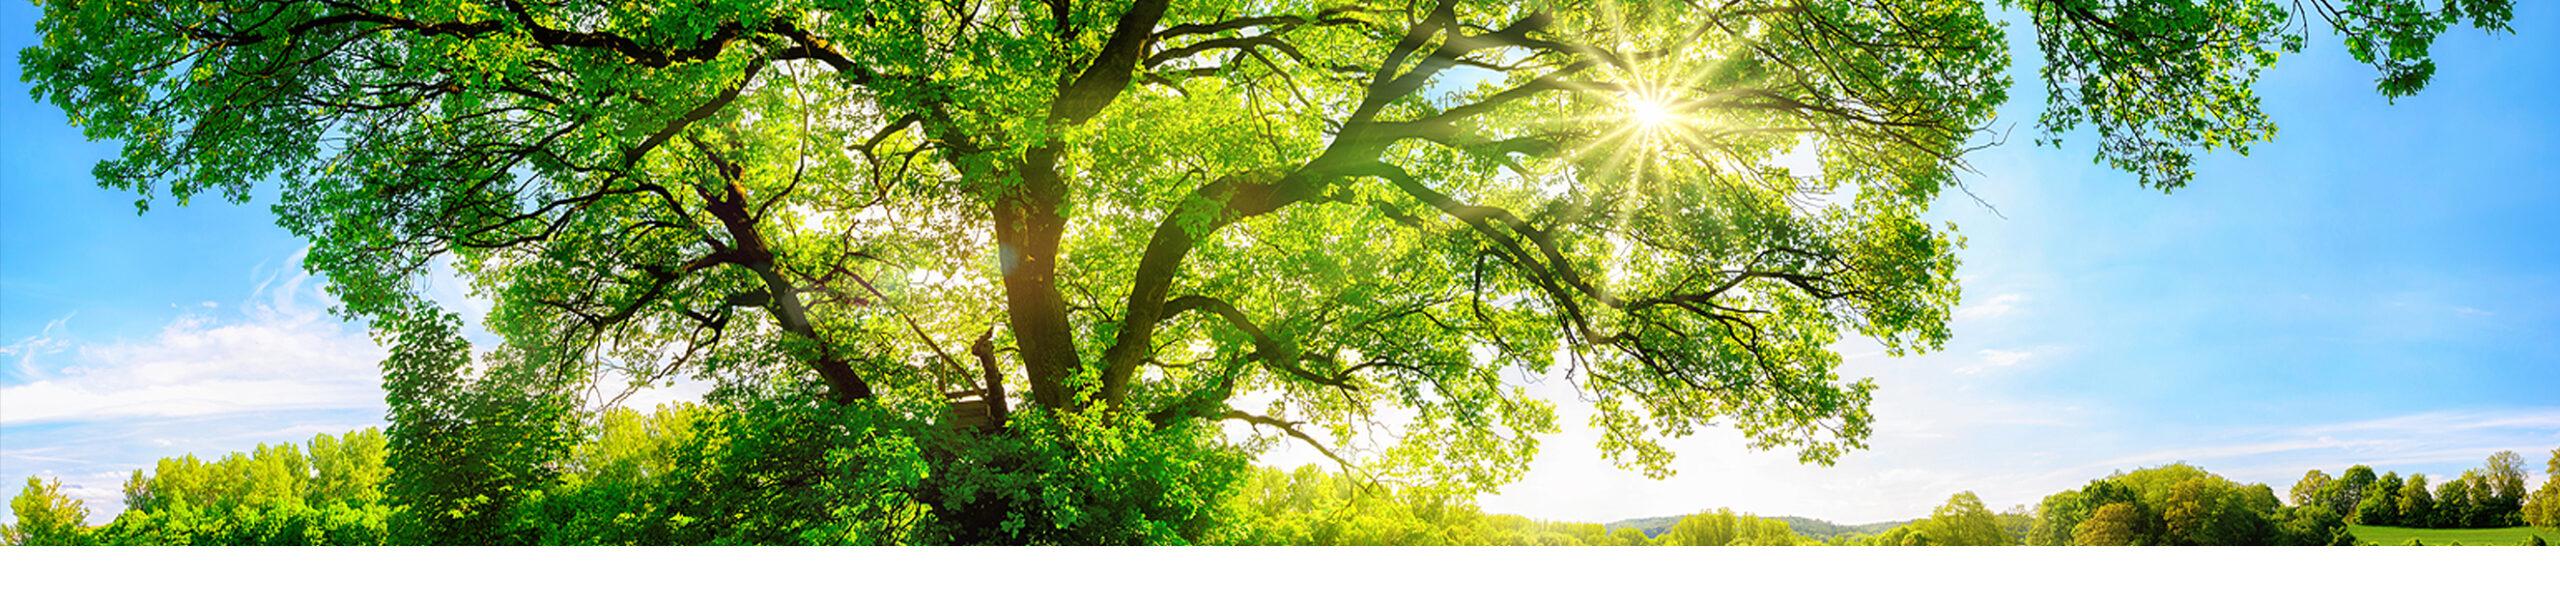 himalayan wellbeing - himalayanwellbeing.co.uk